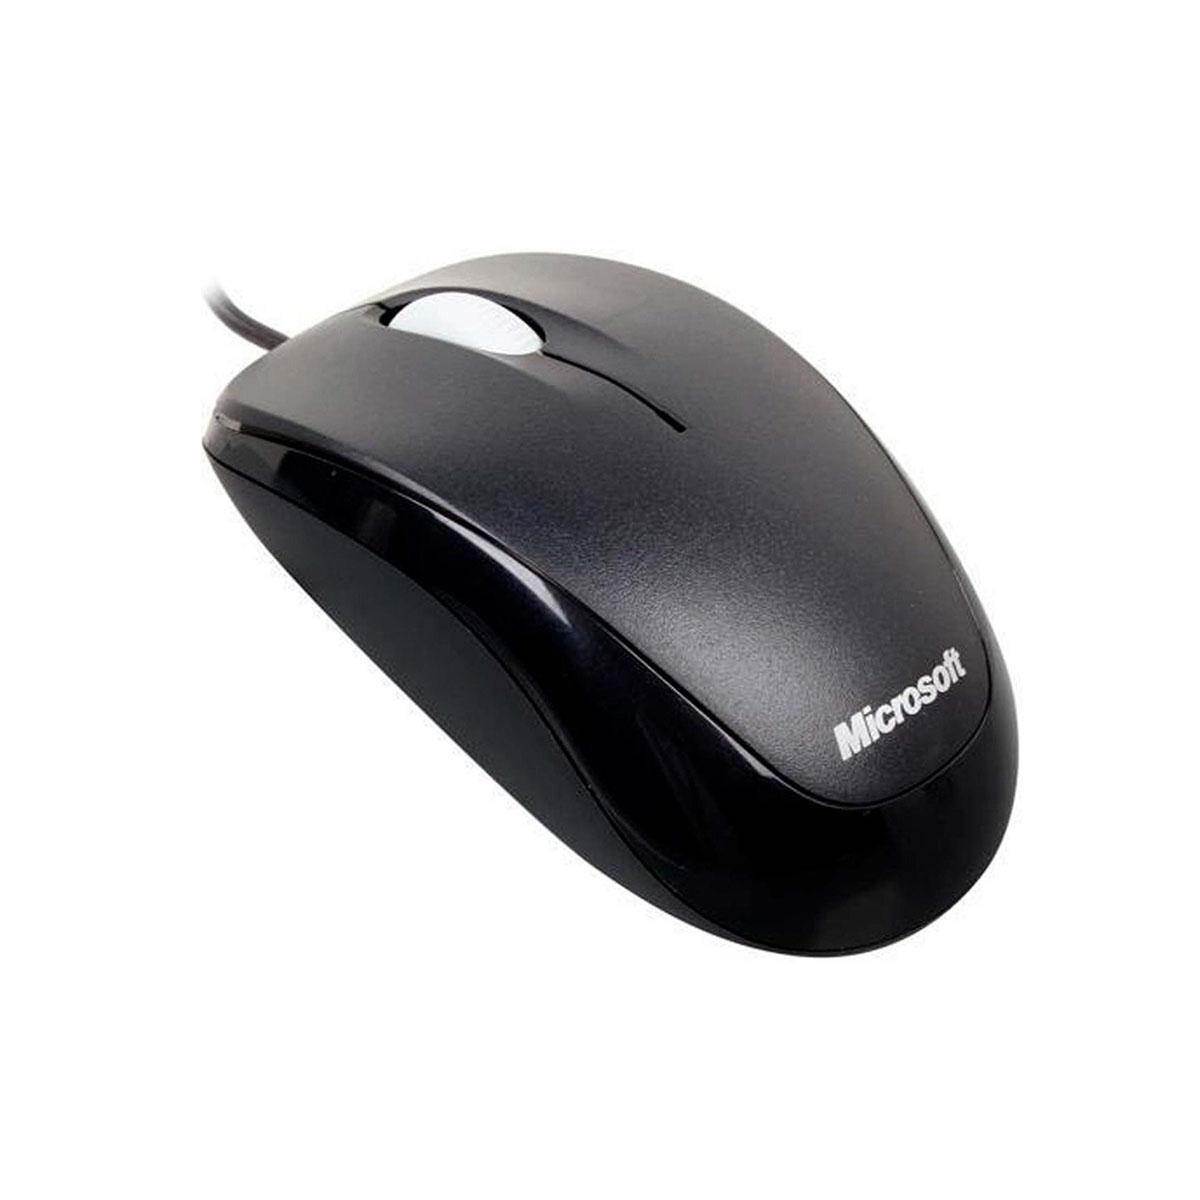 Mouse Microsoft Alámbrico Compact 500 U81-00010